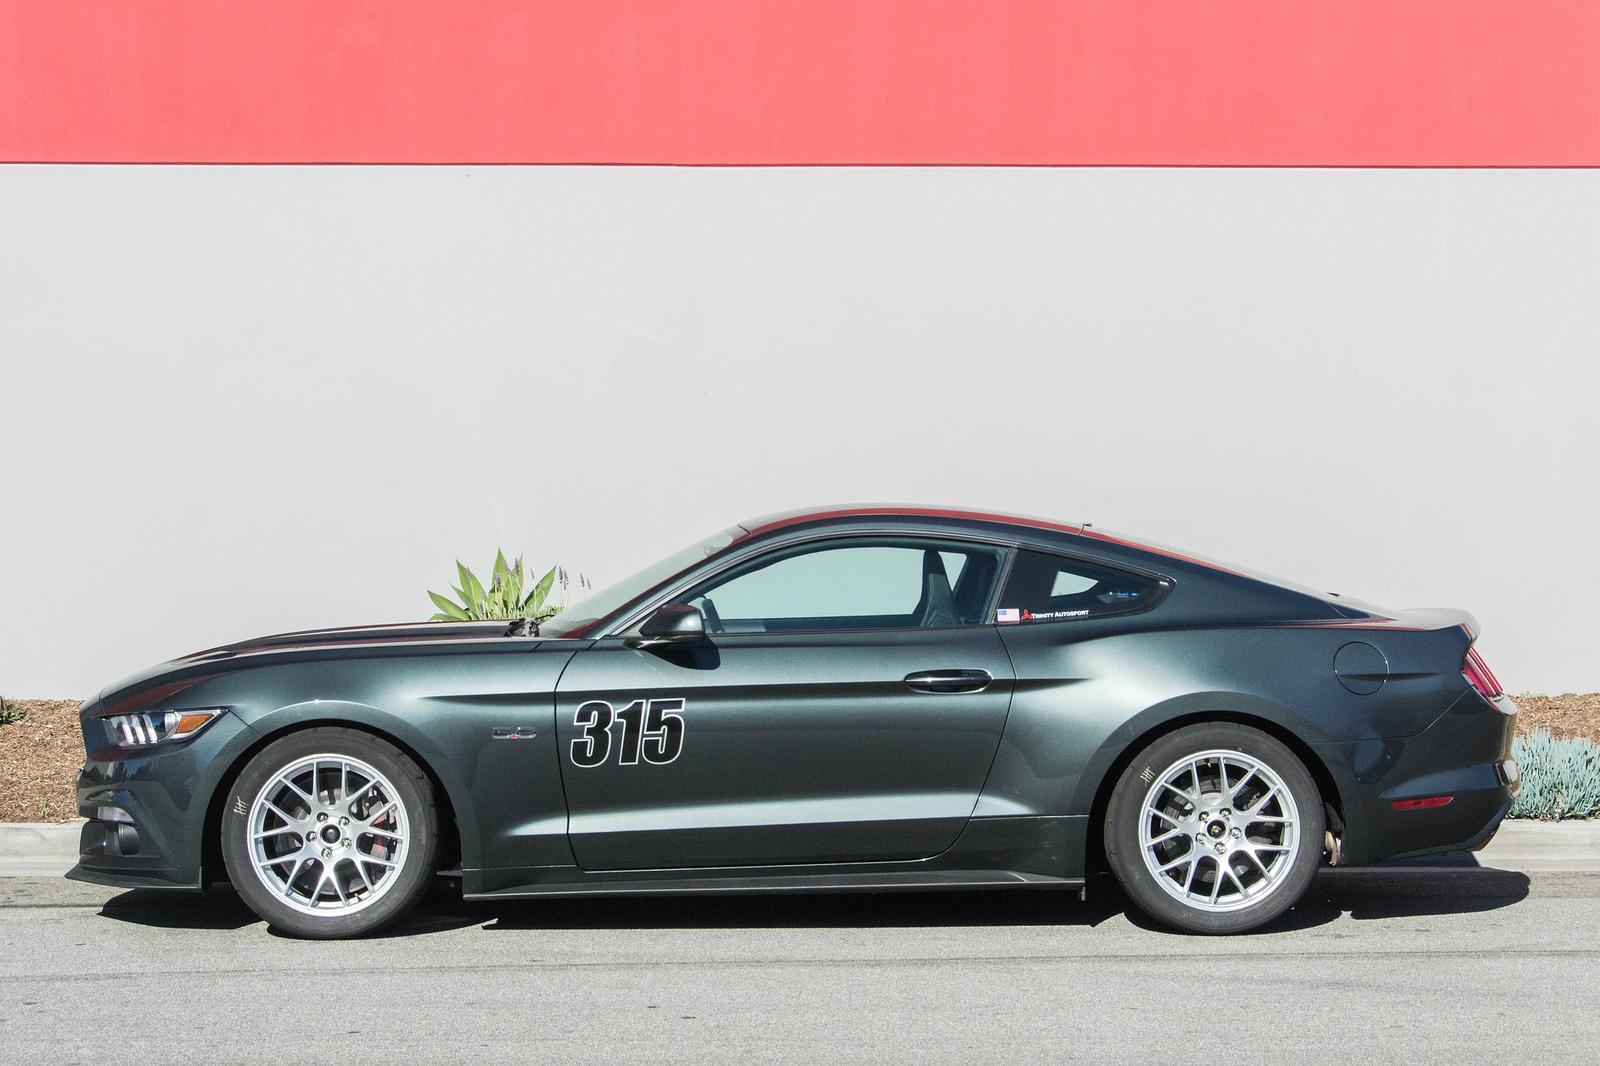 18x10 Quot Et43 Apex Ec 7 Mustang Wheel